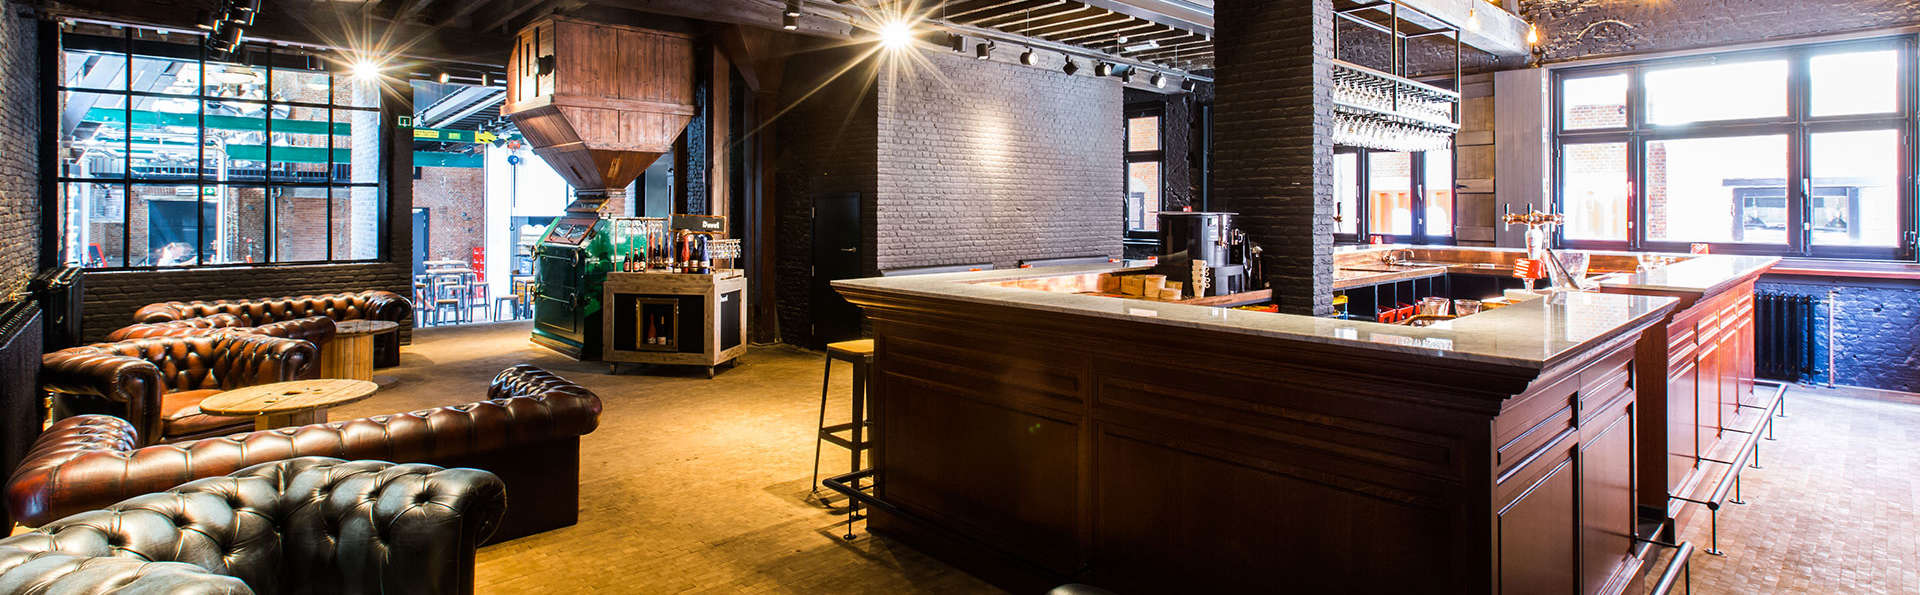 Lujo en el corazón de Amberes con visita a la cervecería De Koninck